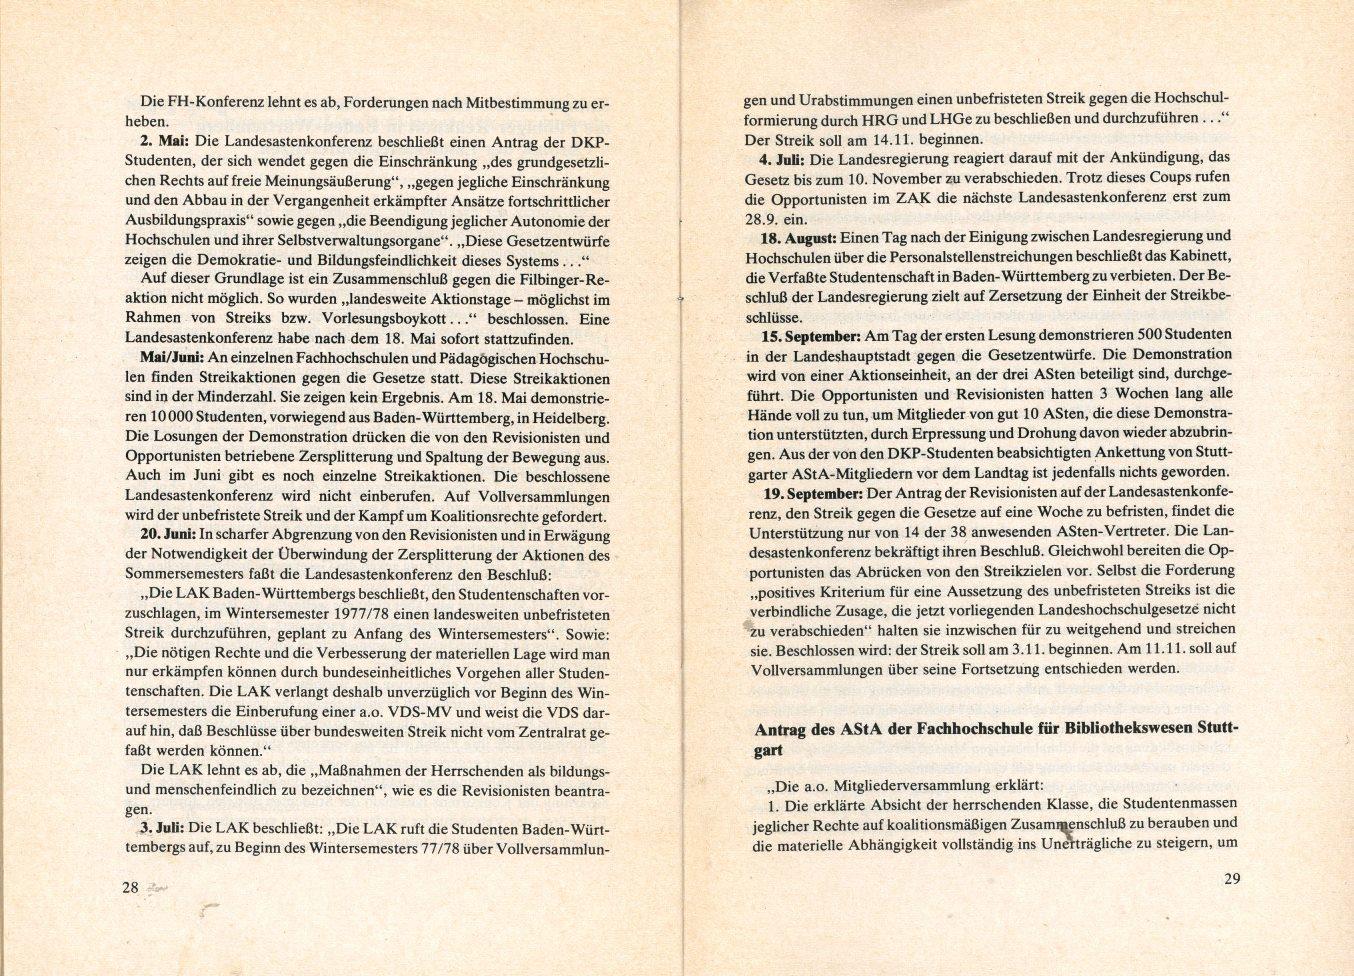 VDS_KBW_1977_MV_in_Giessen_15